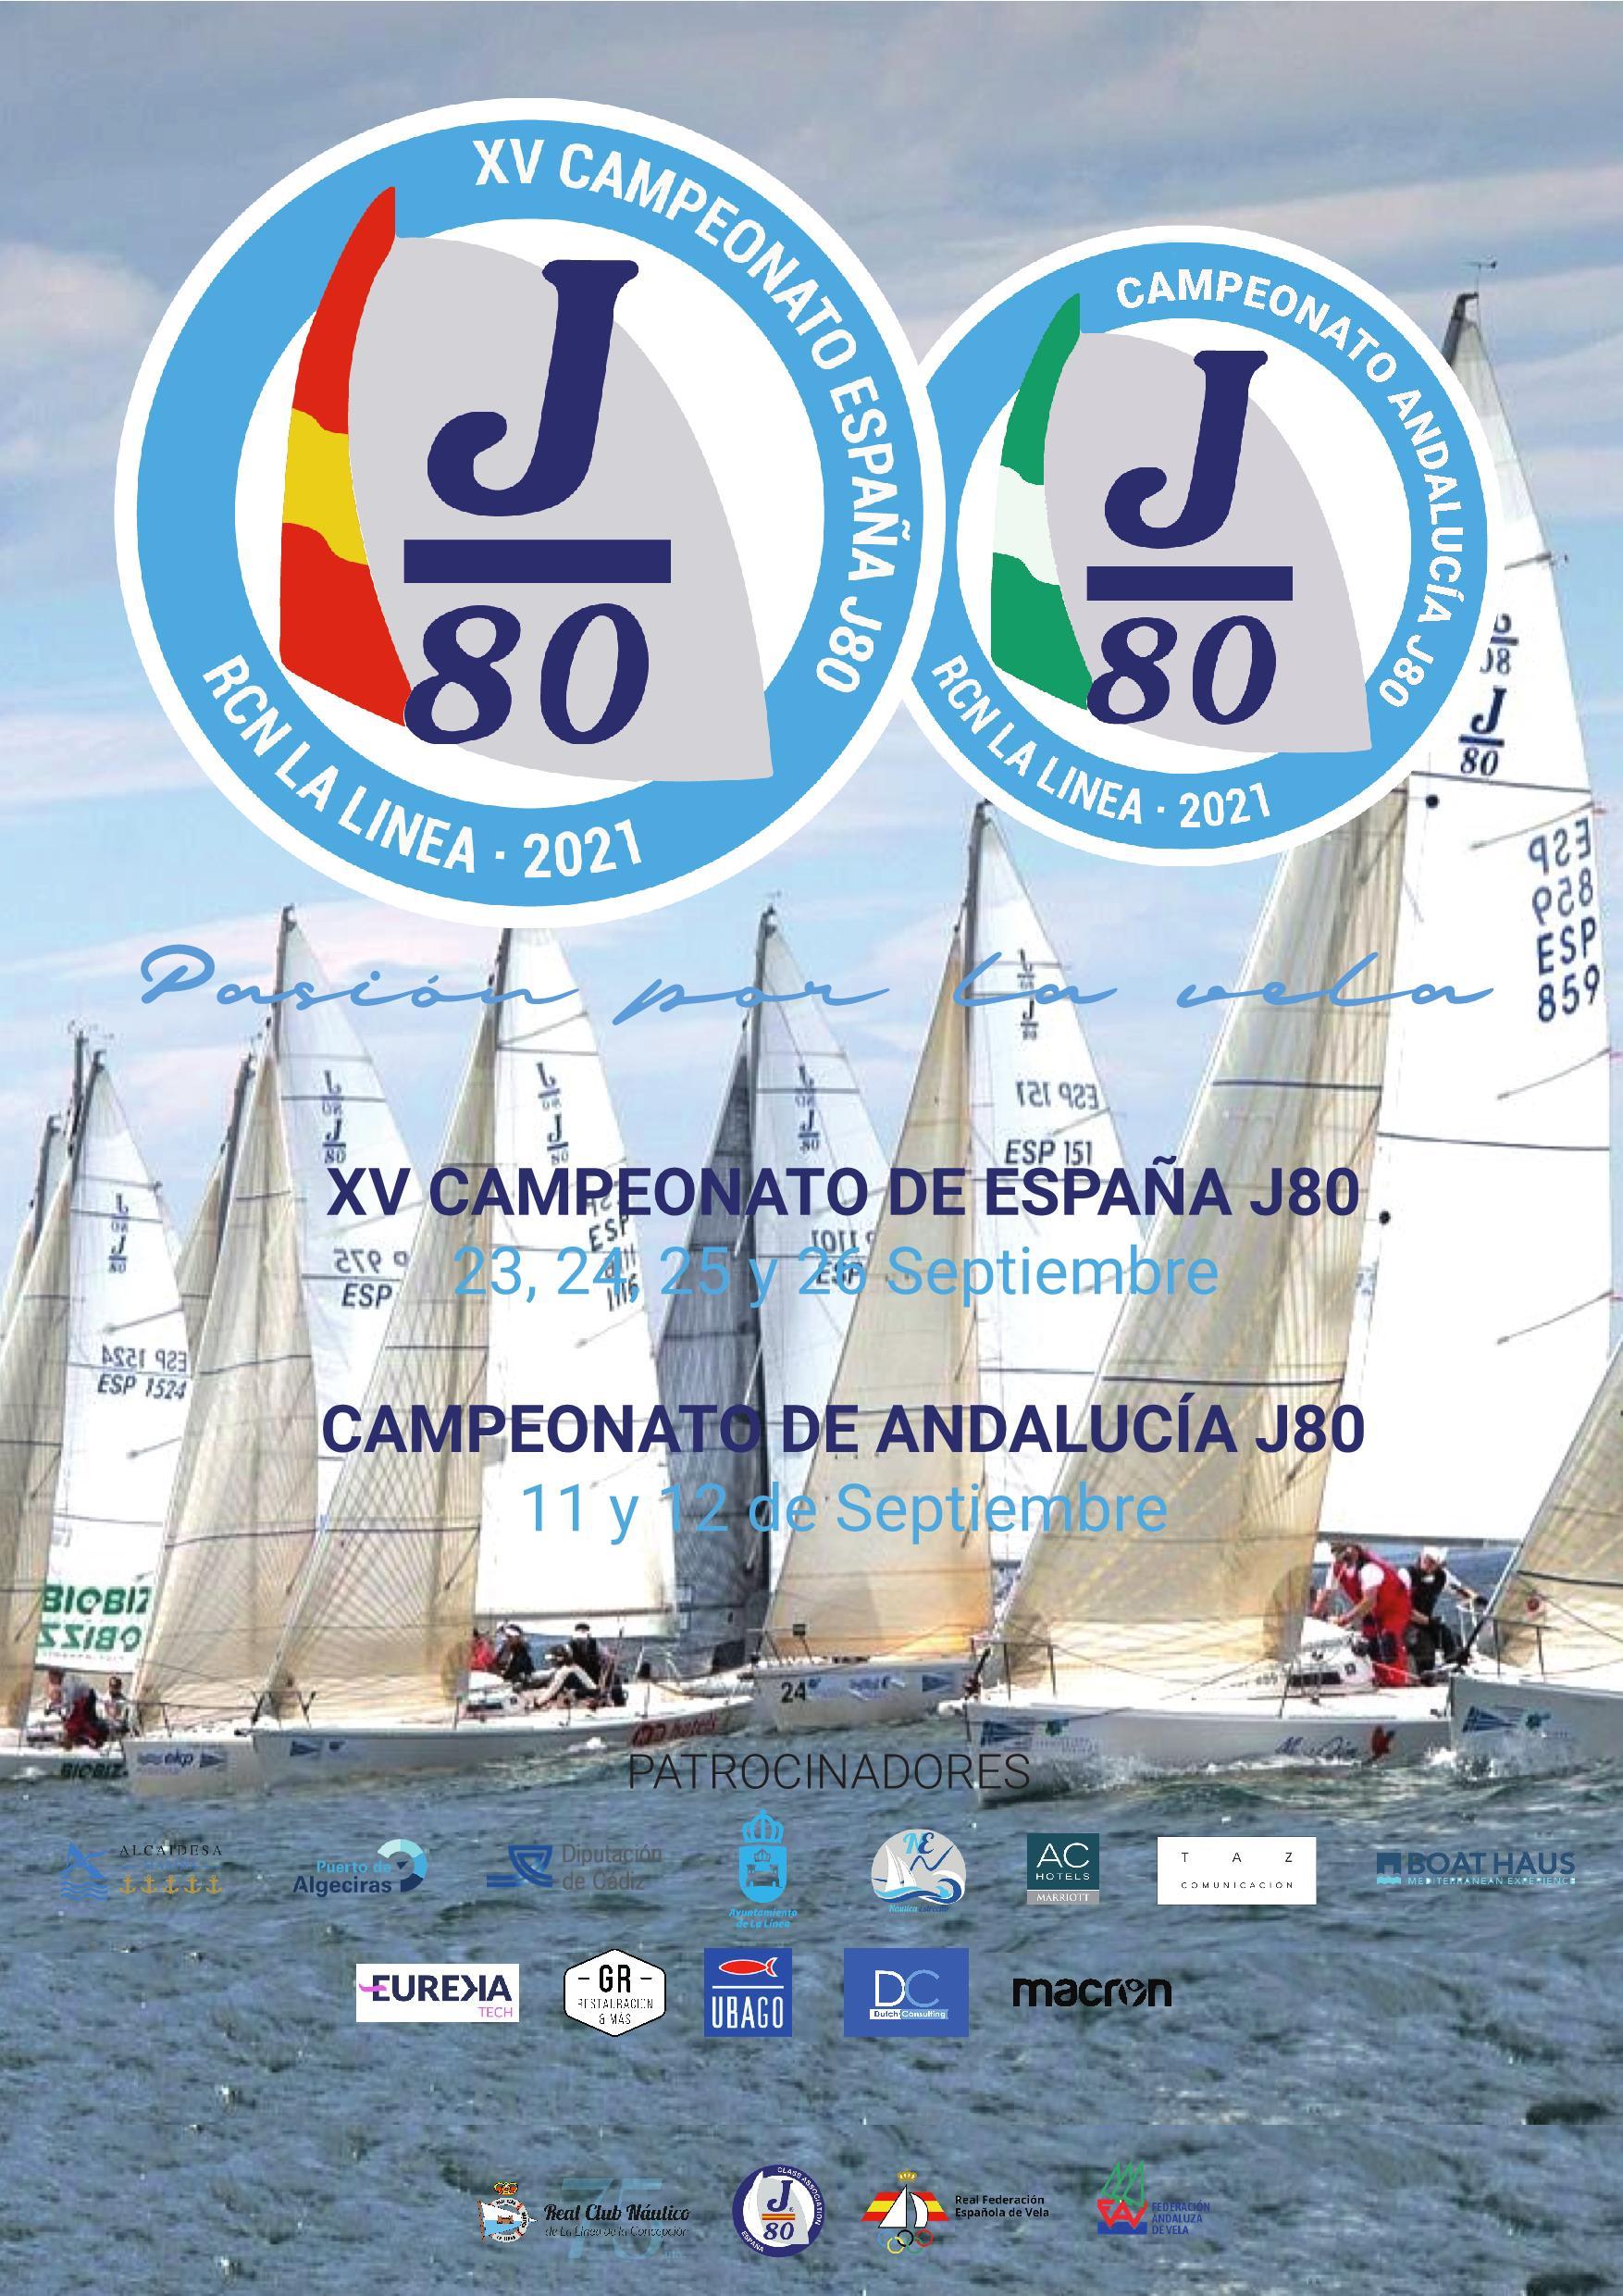 Presentados los campeonatos de España y Andalucía de vela J80 que se celebran este mes en La Línea